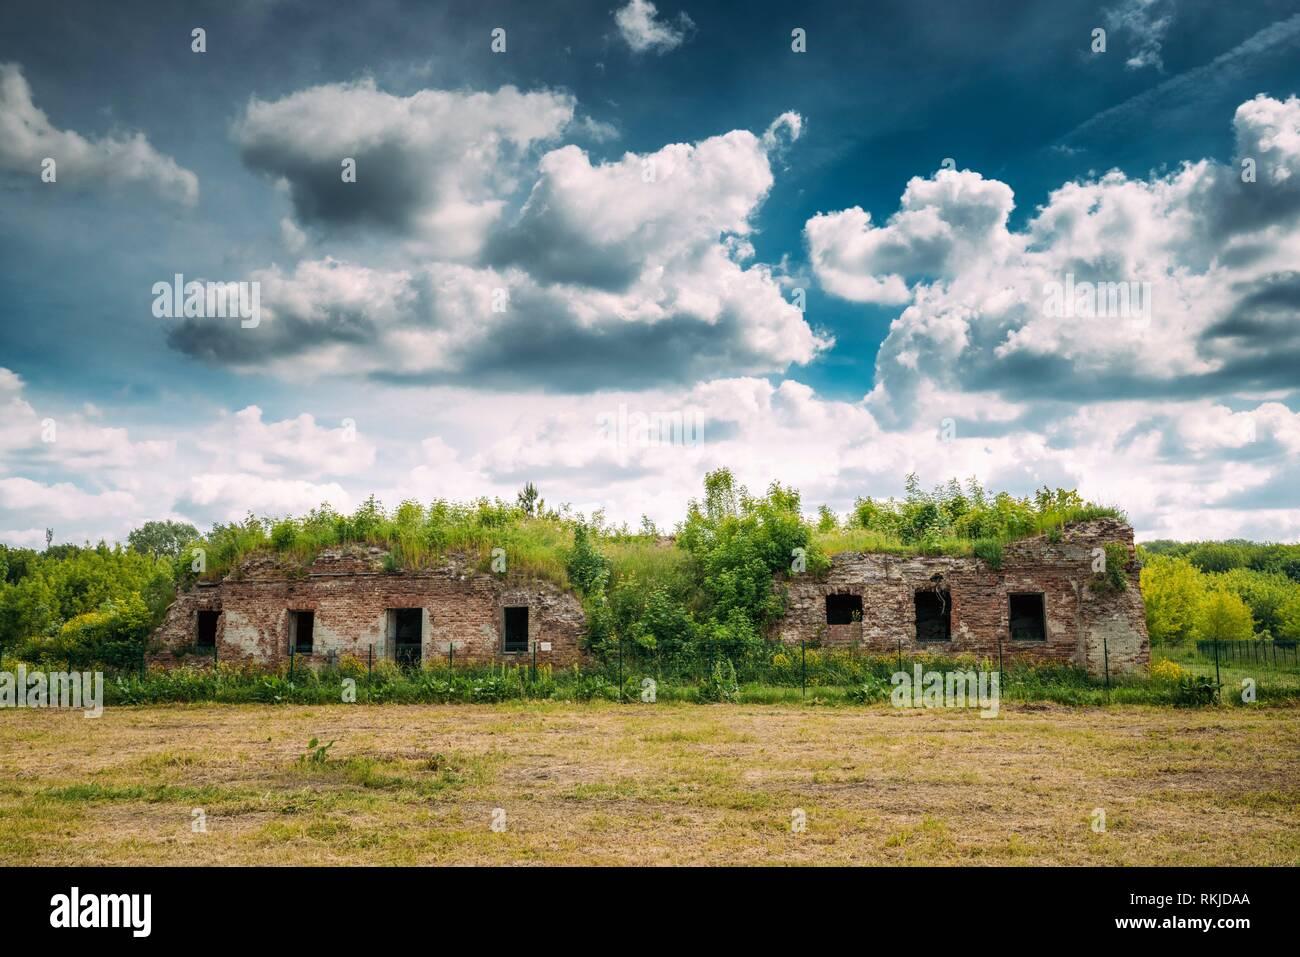 Brest, Belarus. Ruins Of The Bernardine Monastery In Brest In Sunny Summer Day. - Stock Image